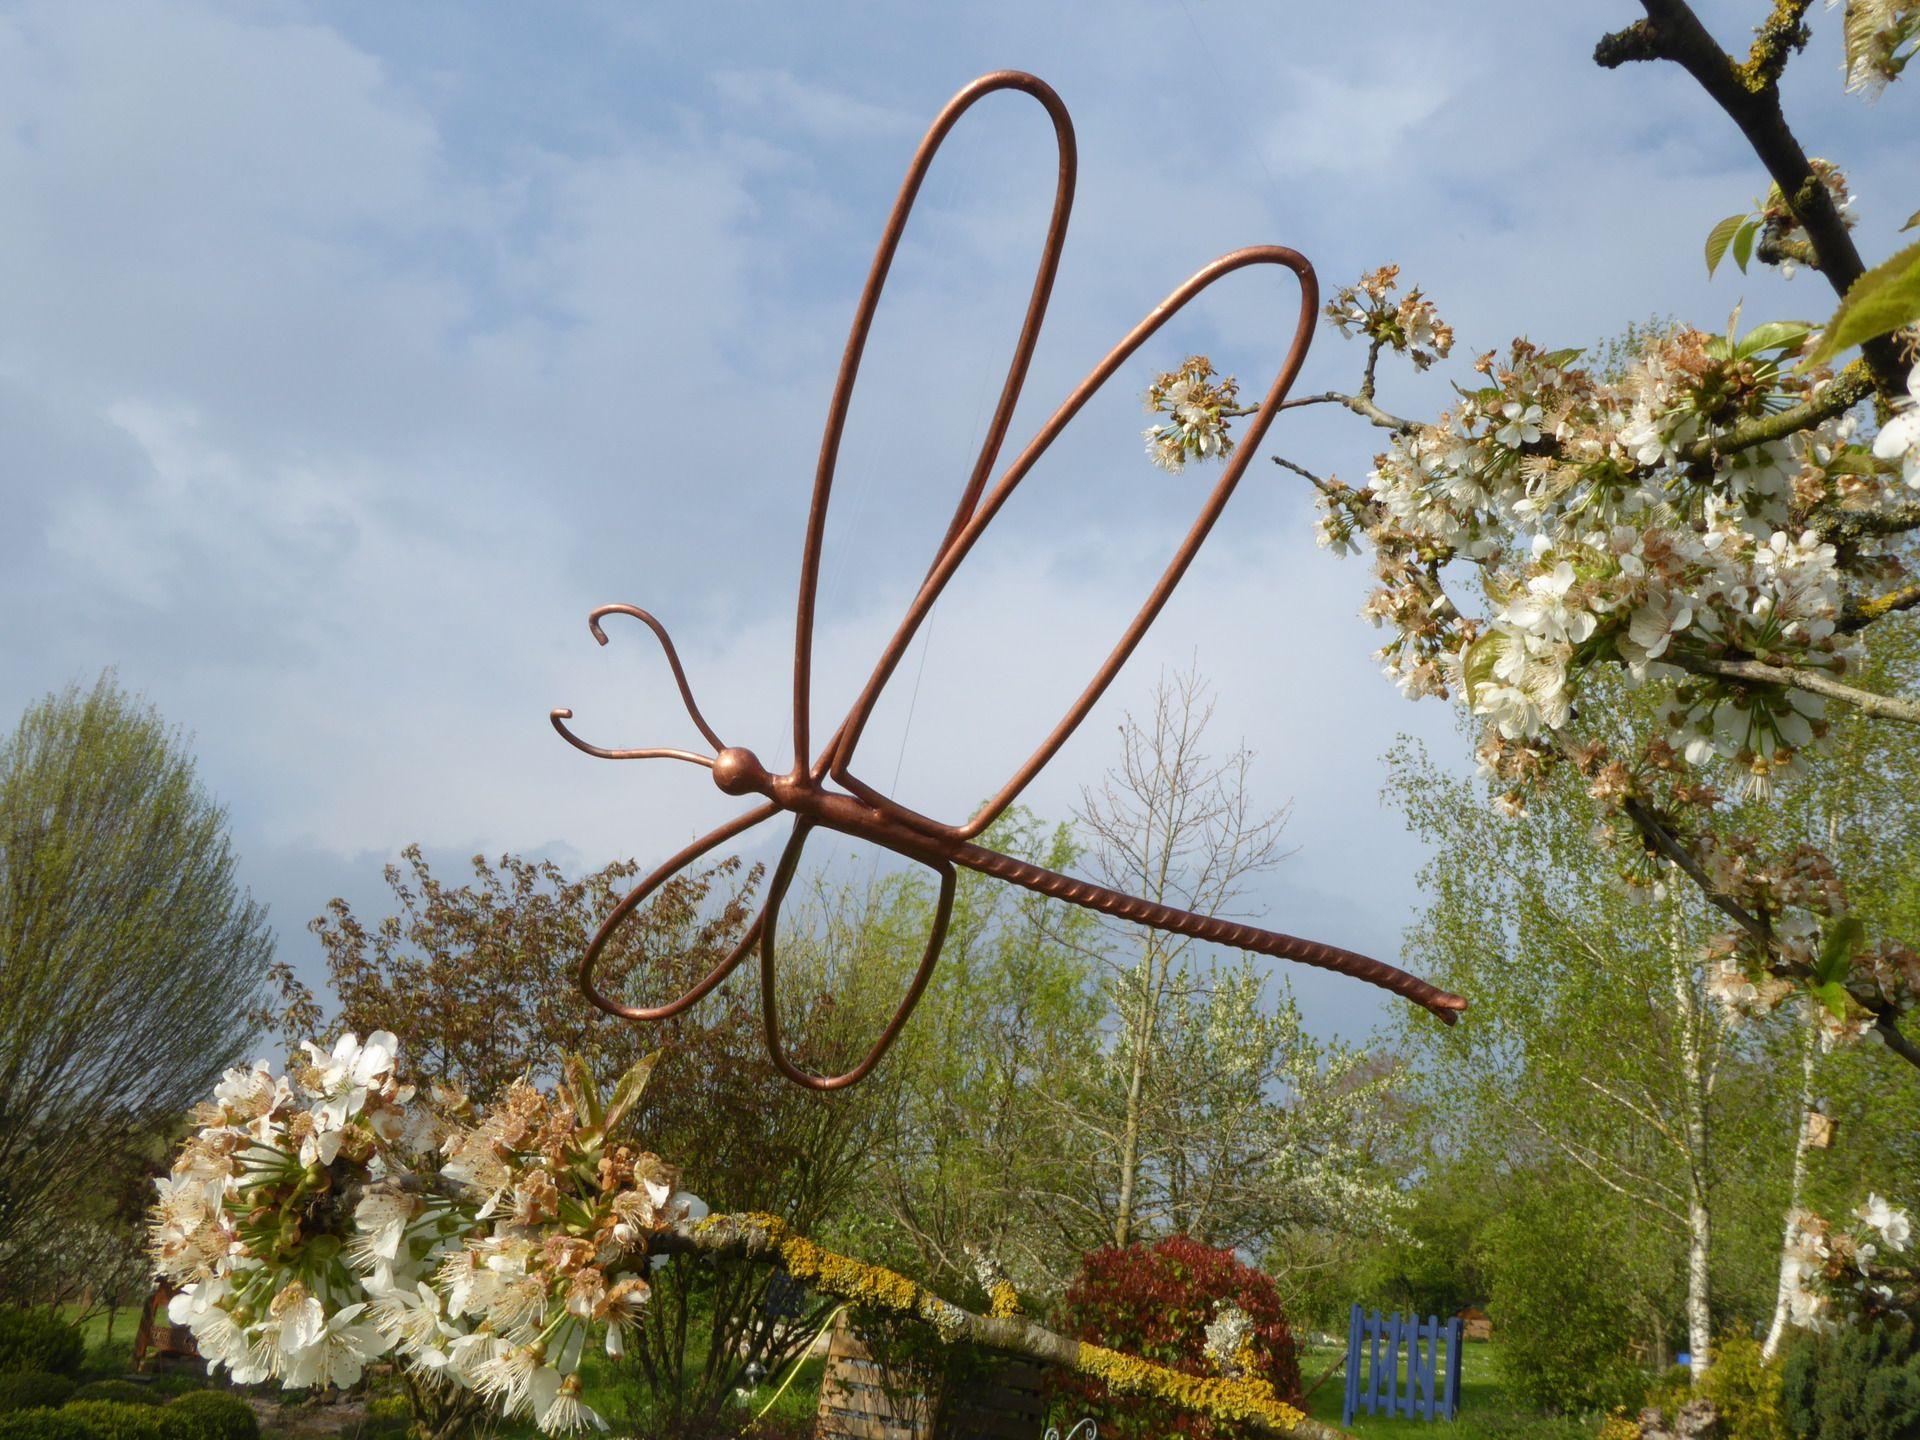 Libellule En Fer Forgé Pour Décoration De Jardin Ou Autre ... tout Fer Forgé Jardin Décoration